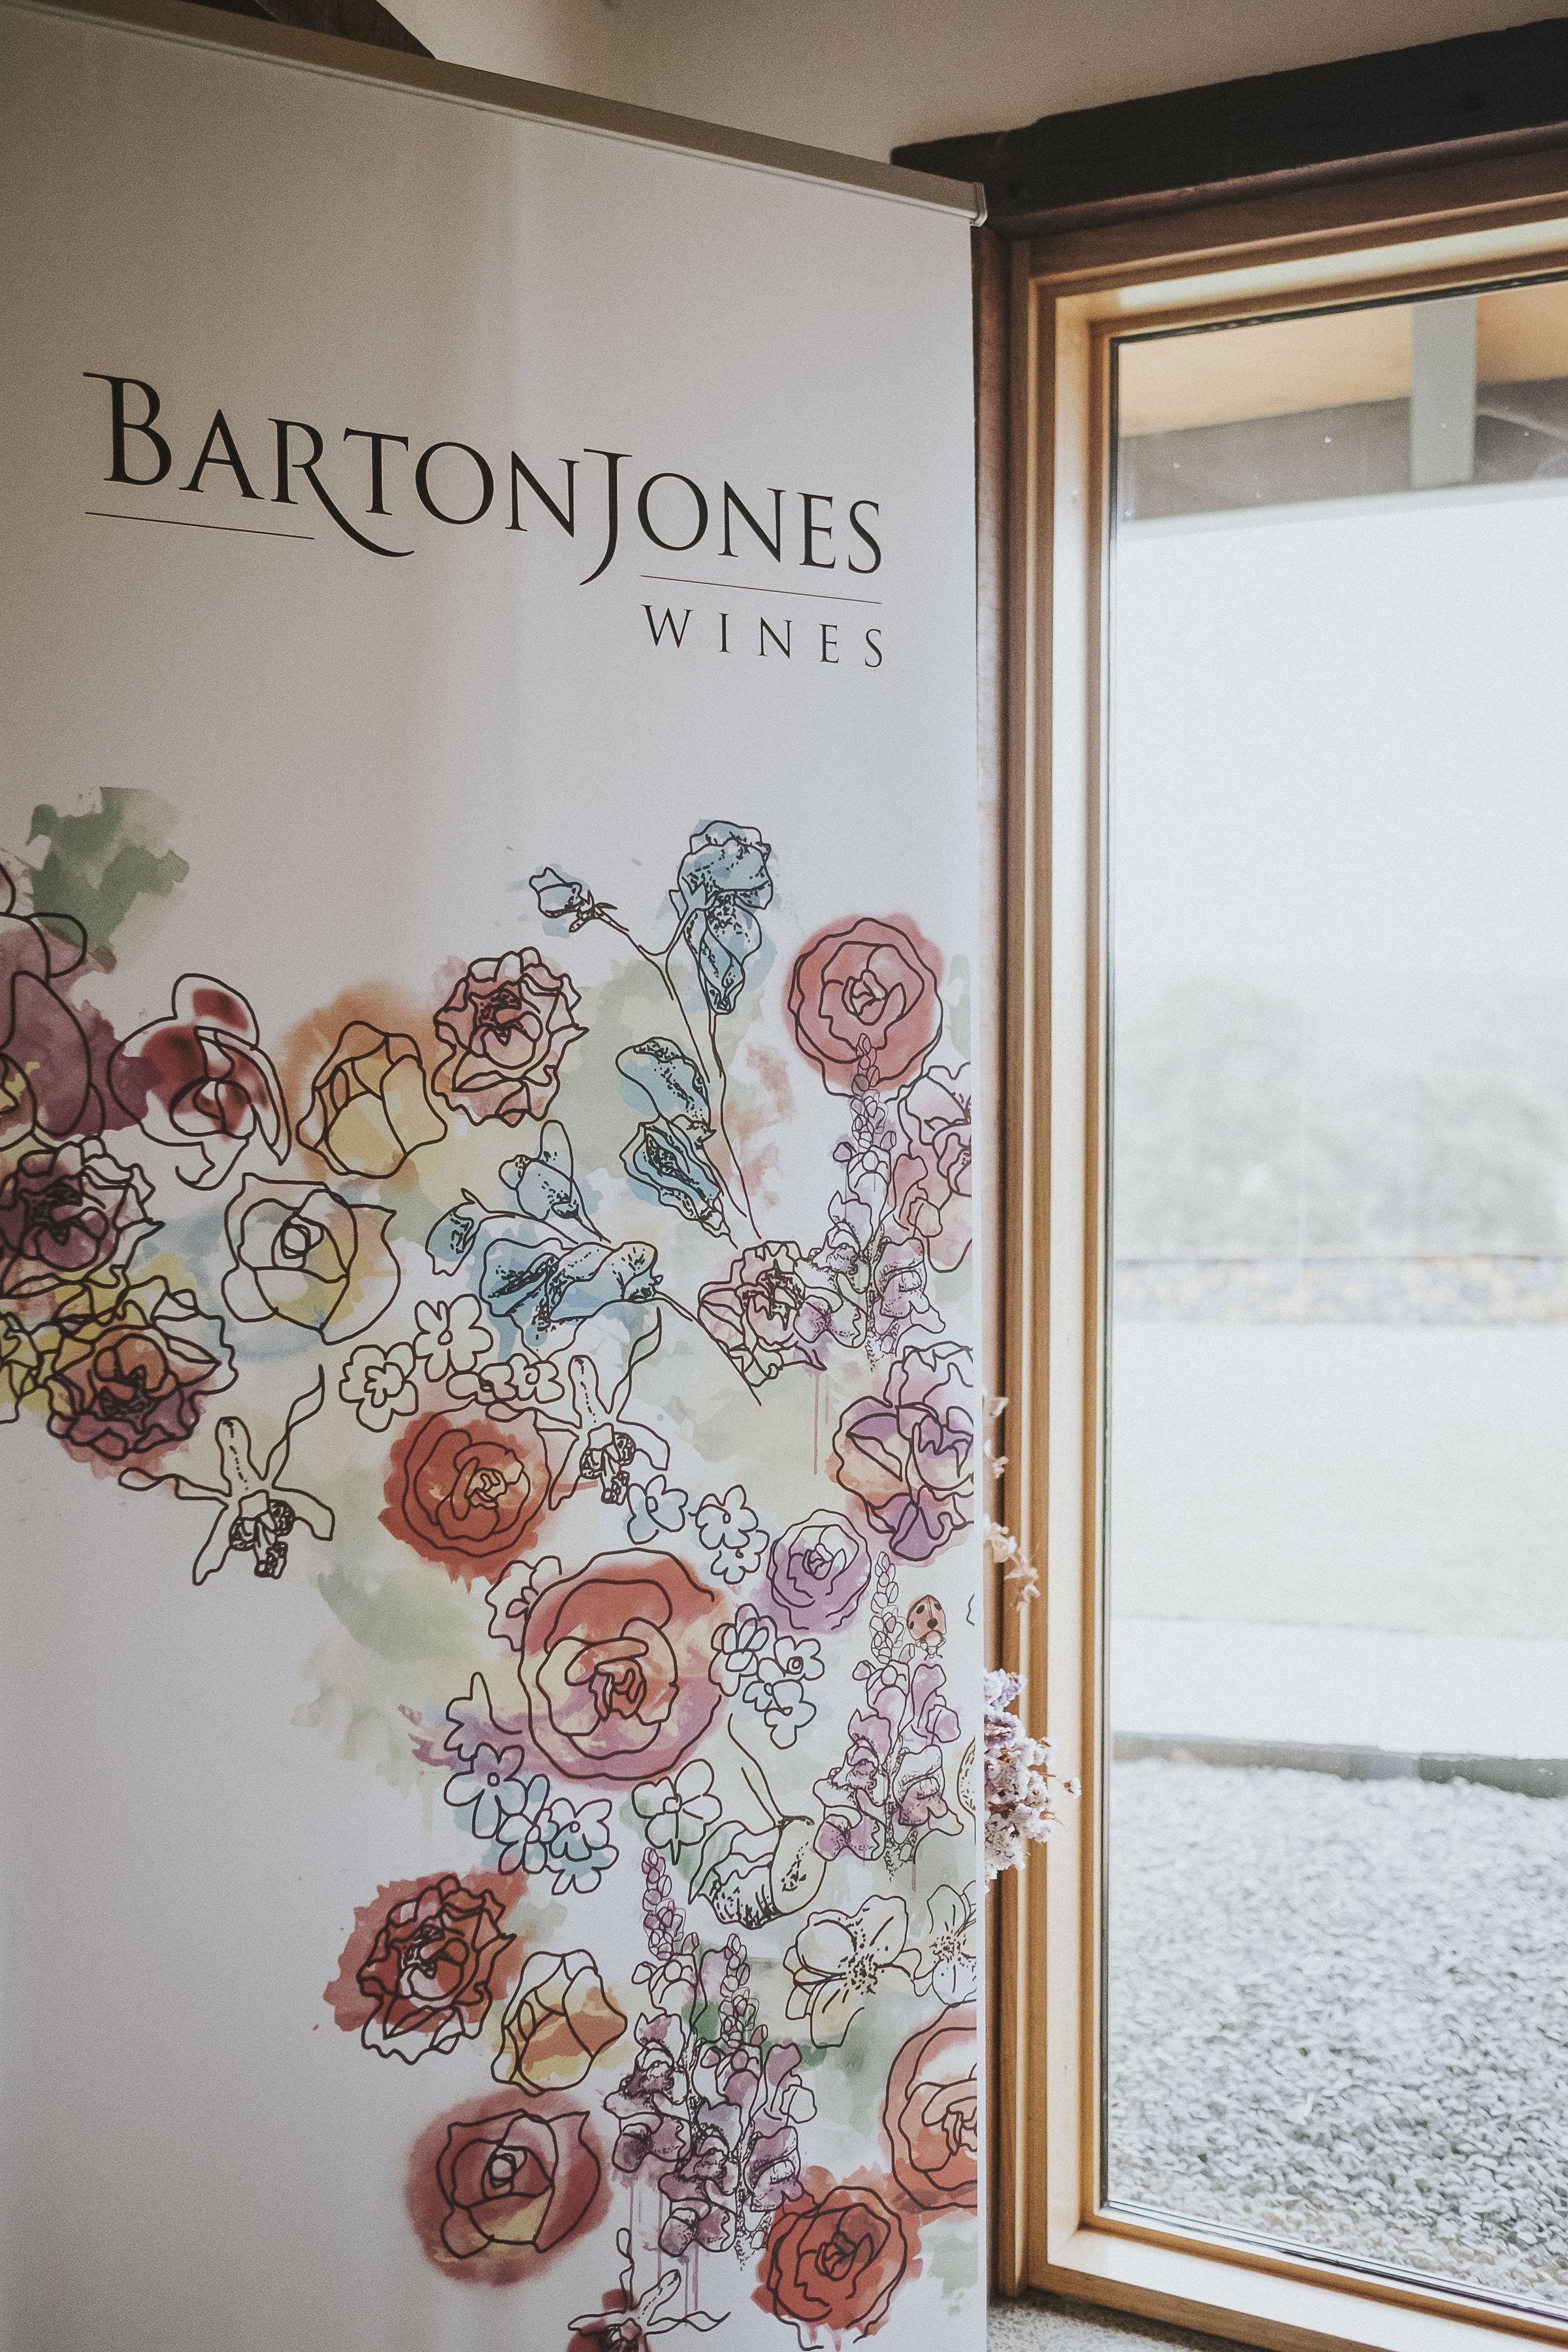 BartonJones(14).jpg